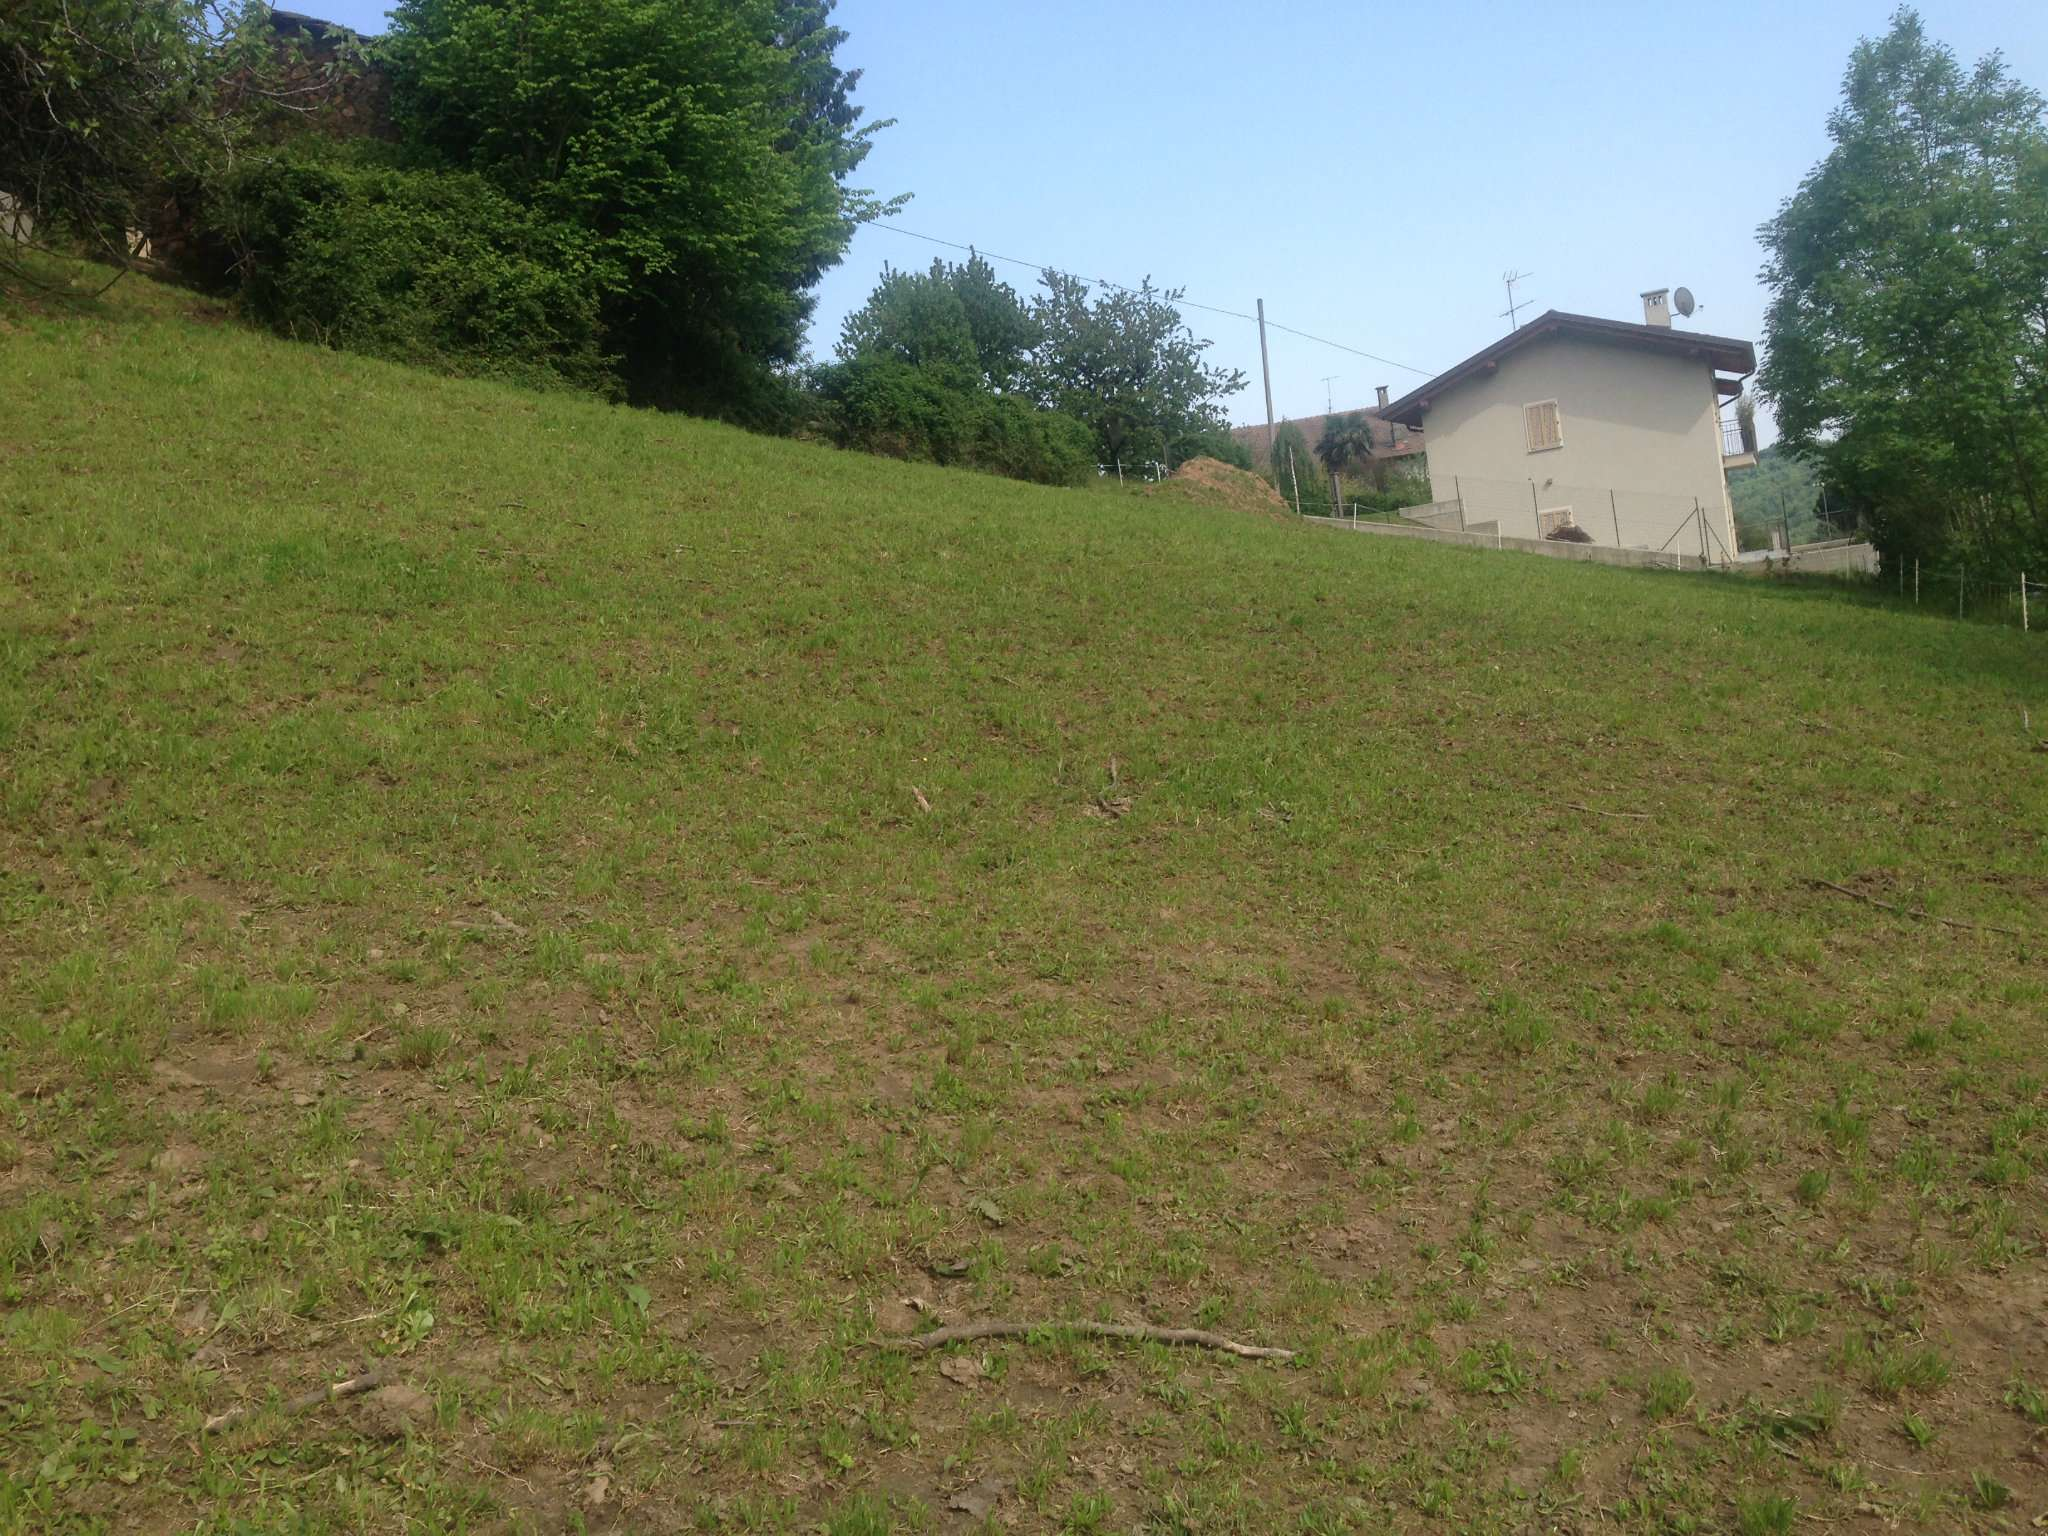 Terreno residenziale in Vendita a Porte: 800 mq